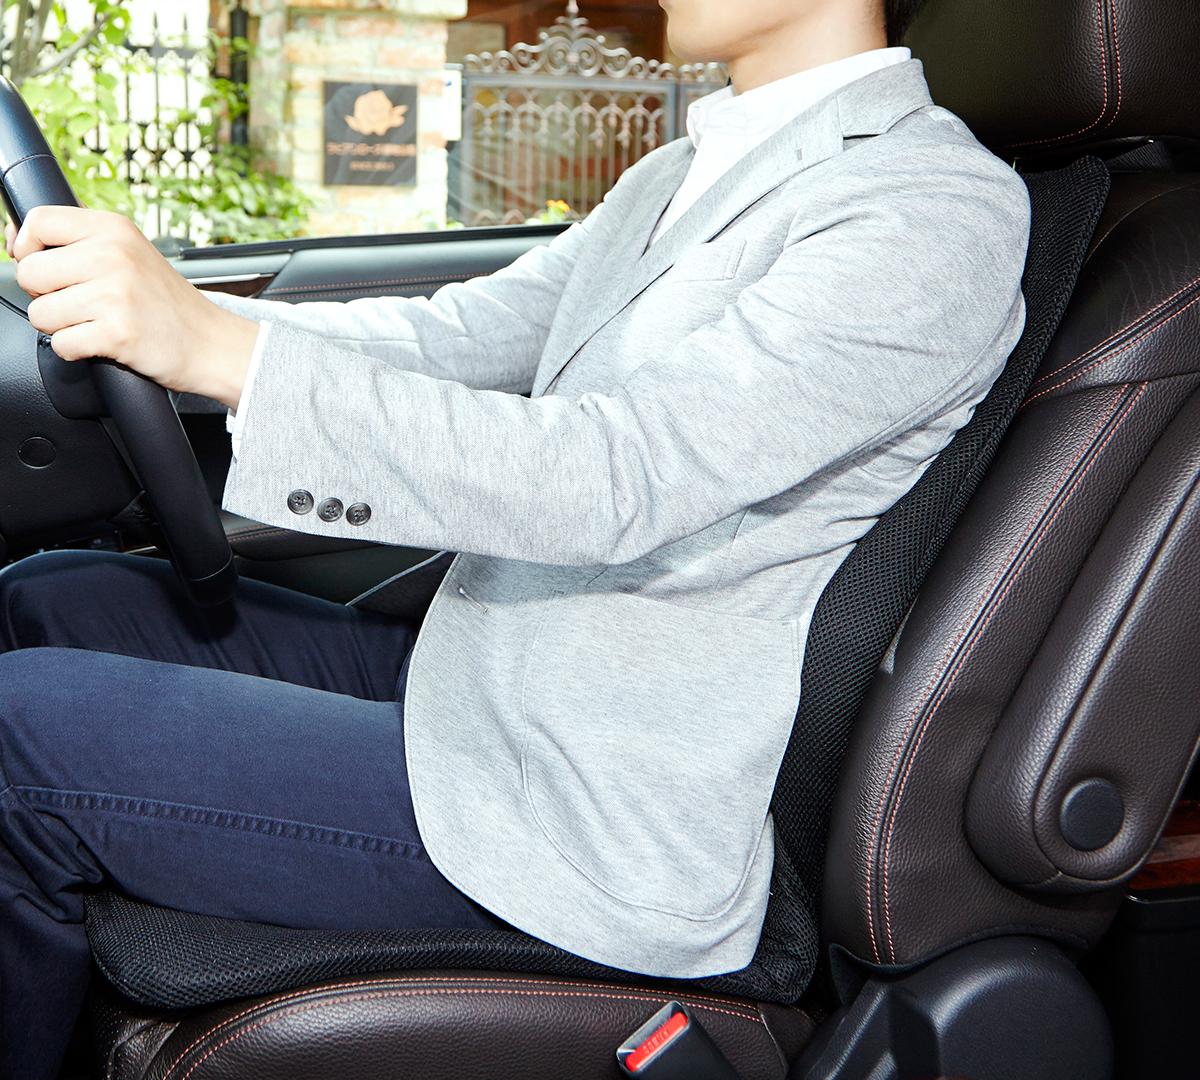 腰やお尻の痛みを気にせず、運転できる。置くだけで、運転中ずっと、腰・背中・お尻がラクな車用シートクッション|P!nto Driver